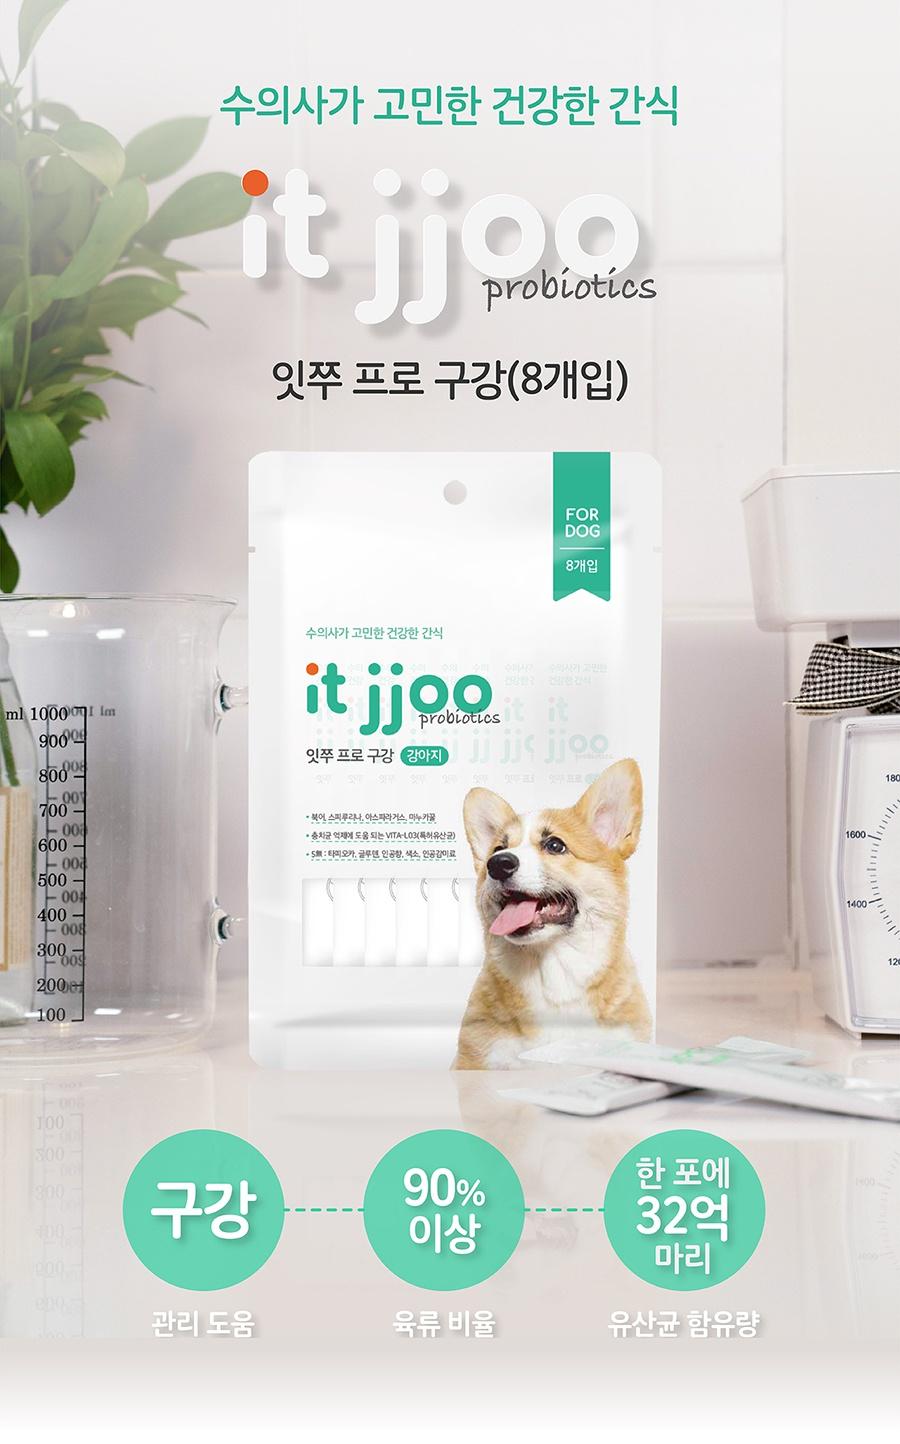 It 잇쭈 프로 도그 3종 (구강/비만/면역)-상품이미지-1